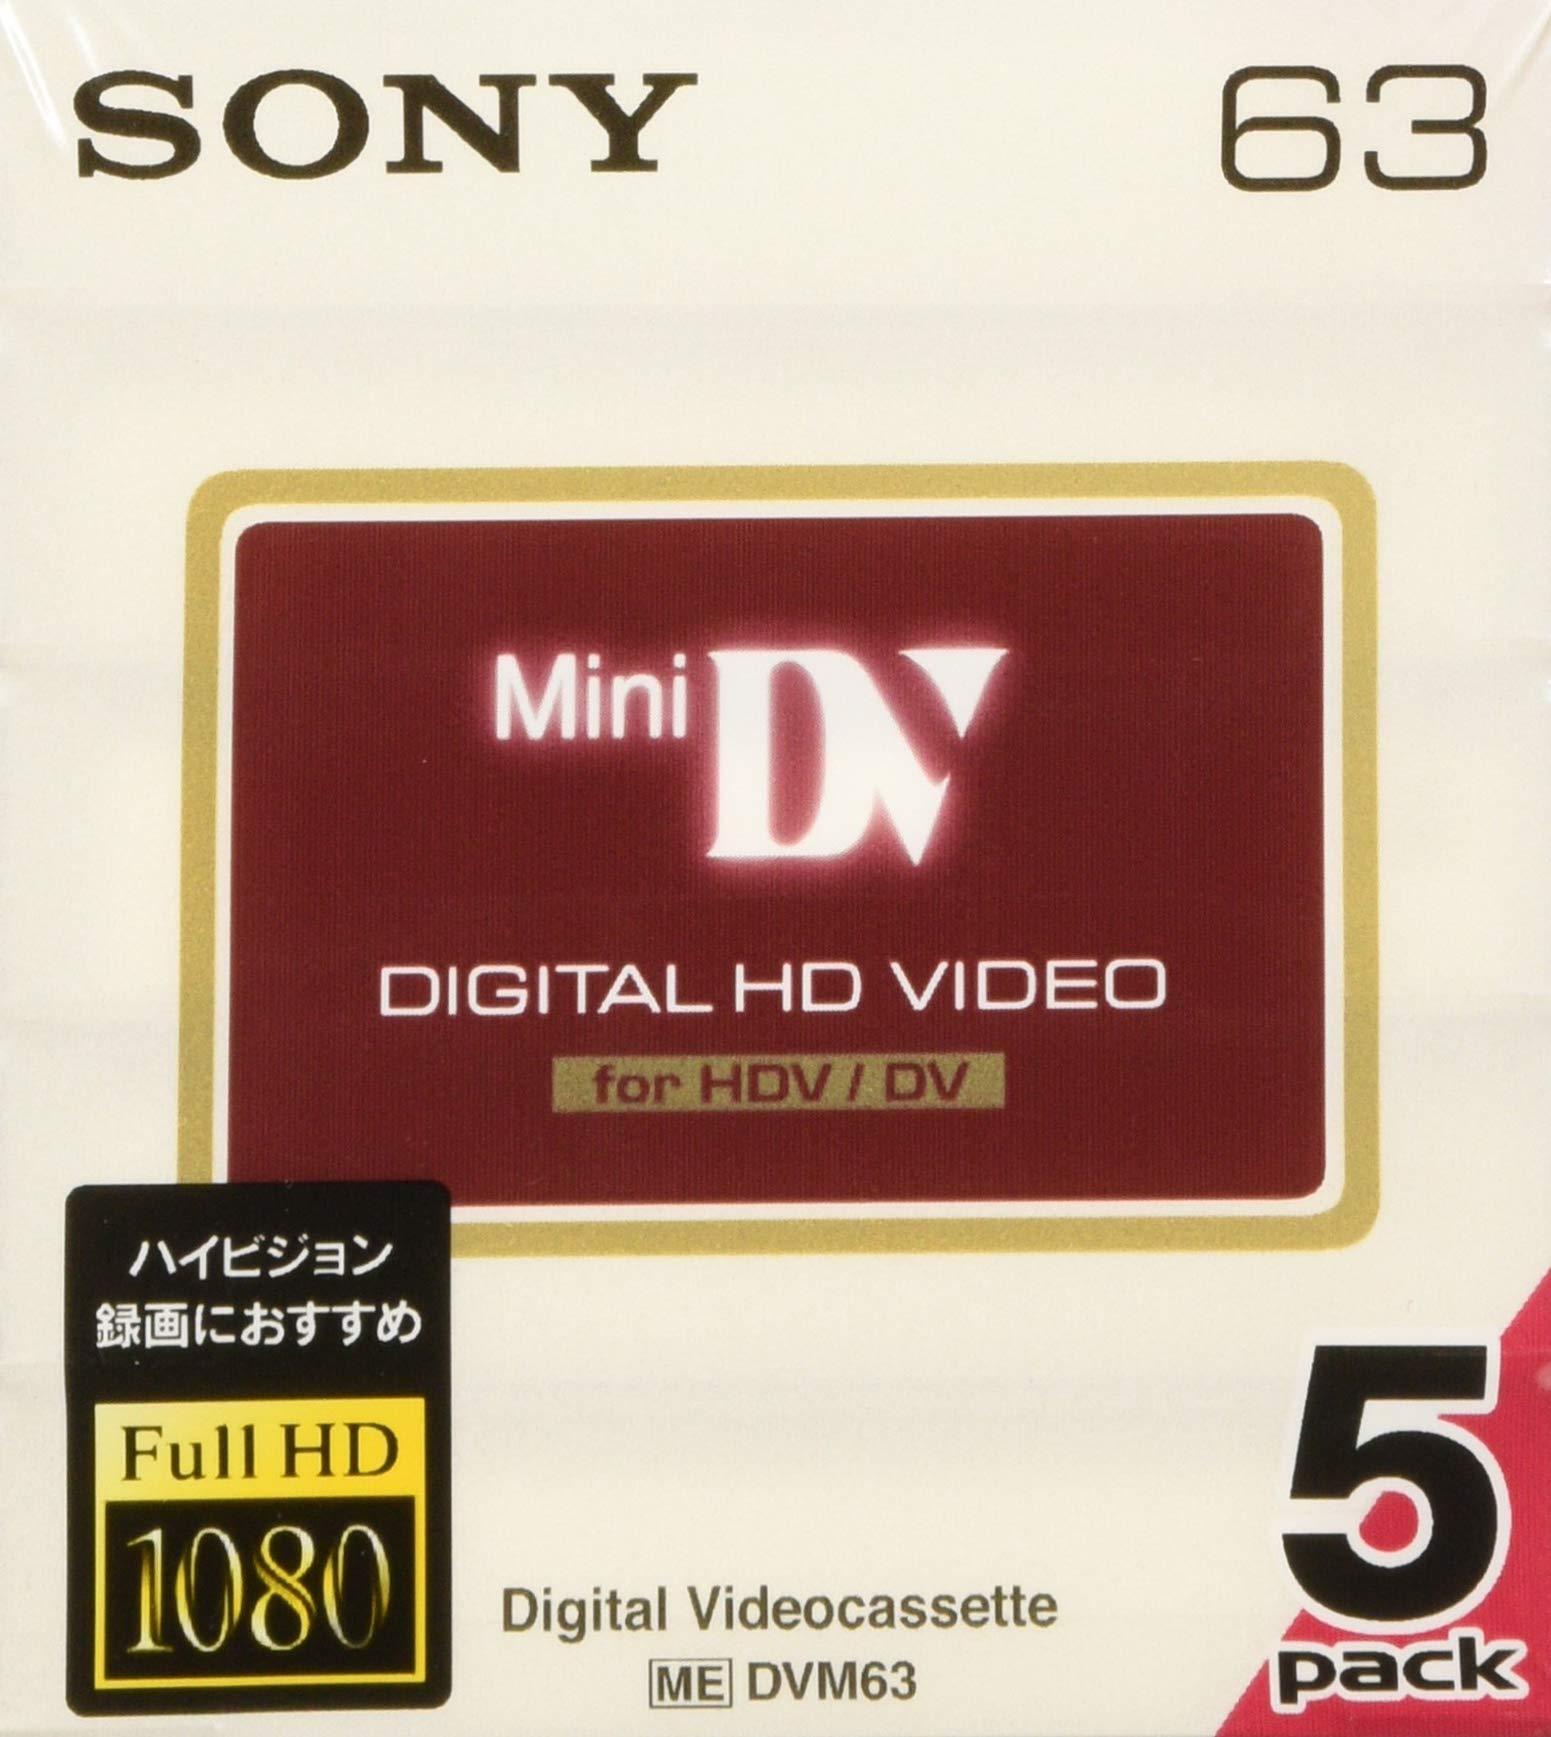 Sony DVM63 HD DVC Mini Tape - 5 Pack by Sony